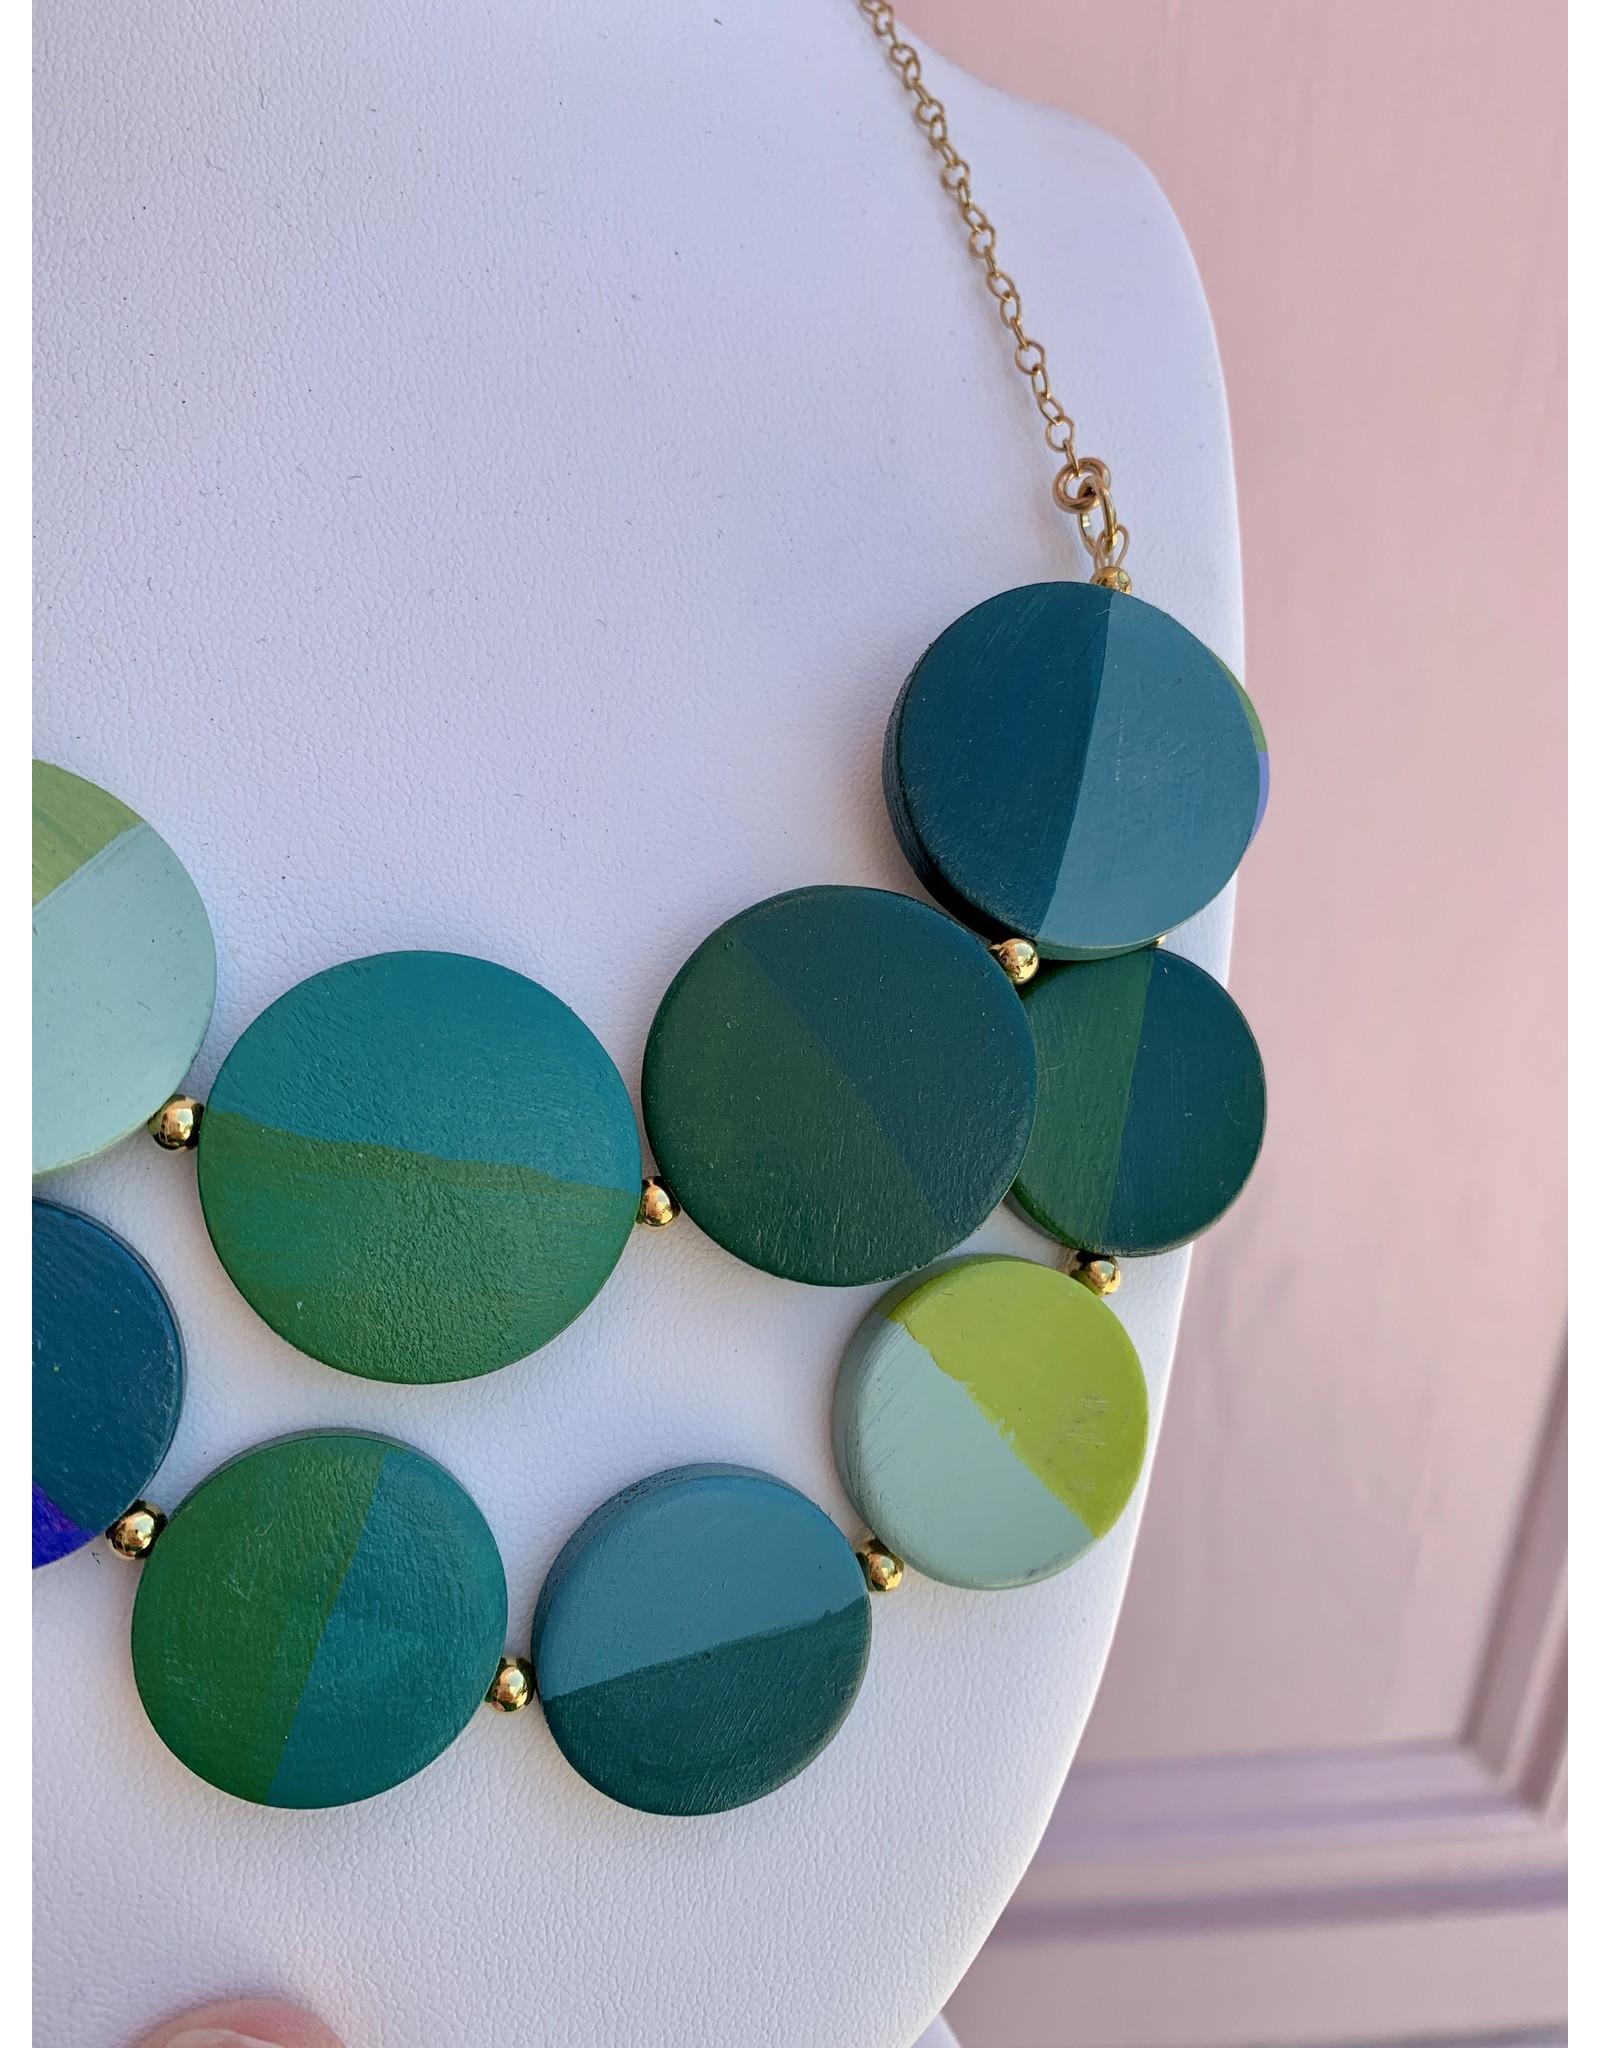 Elizabeth Crane Swartz Libby Bib Blue and Green Necklace by Elizabeth Crane Swartz